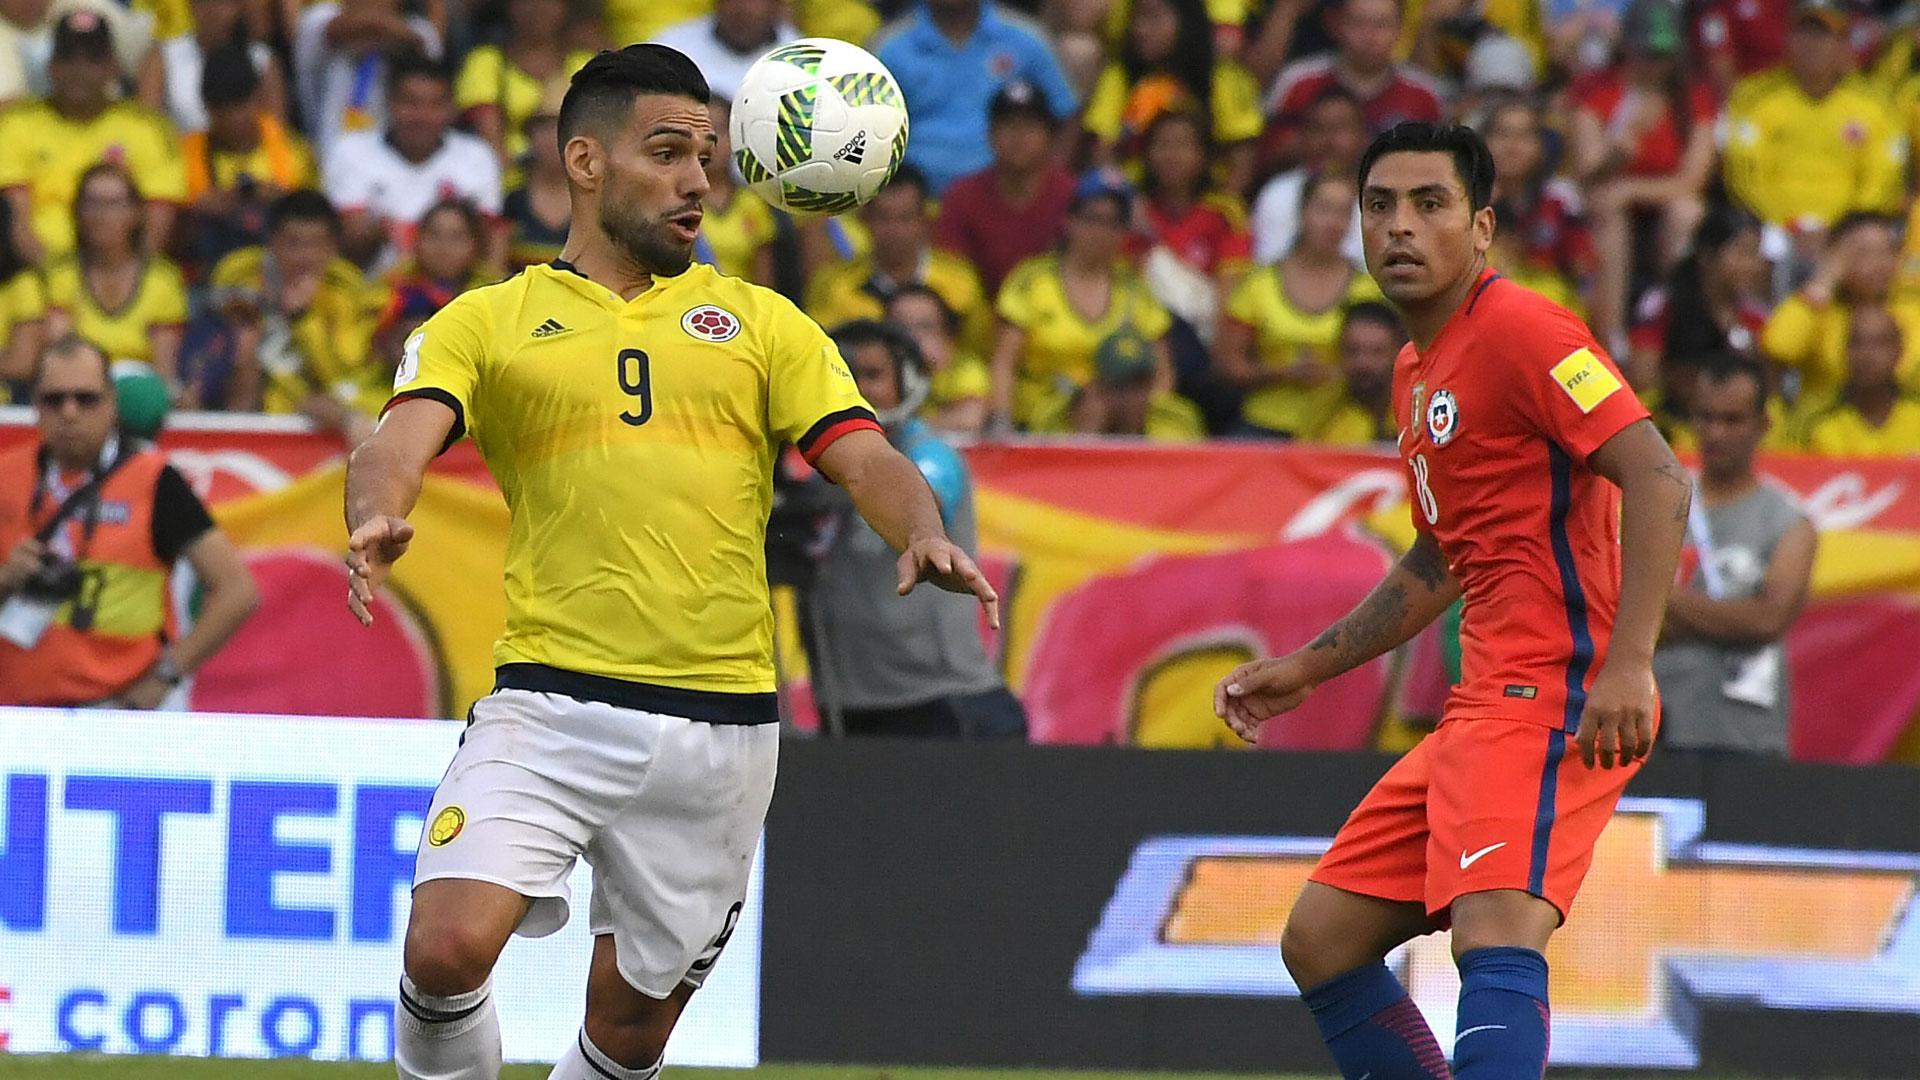 Alexis Sánchez reaparece en los entrenamientos de la selección chilena